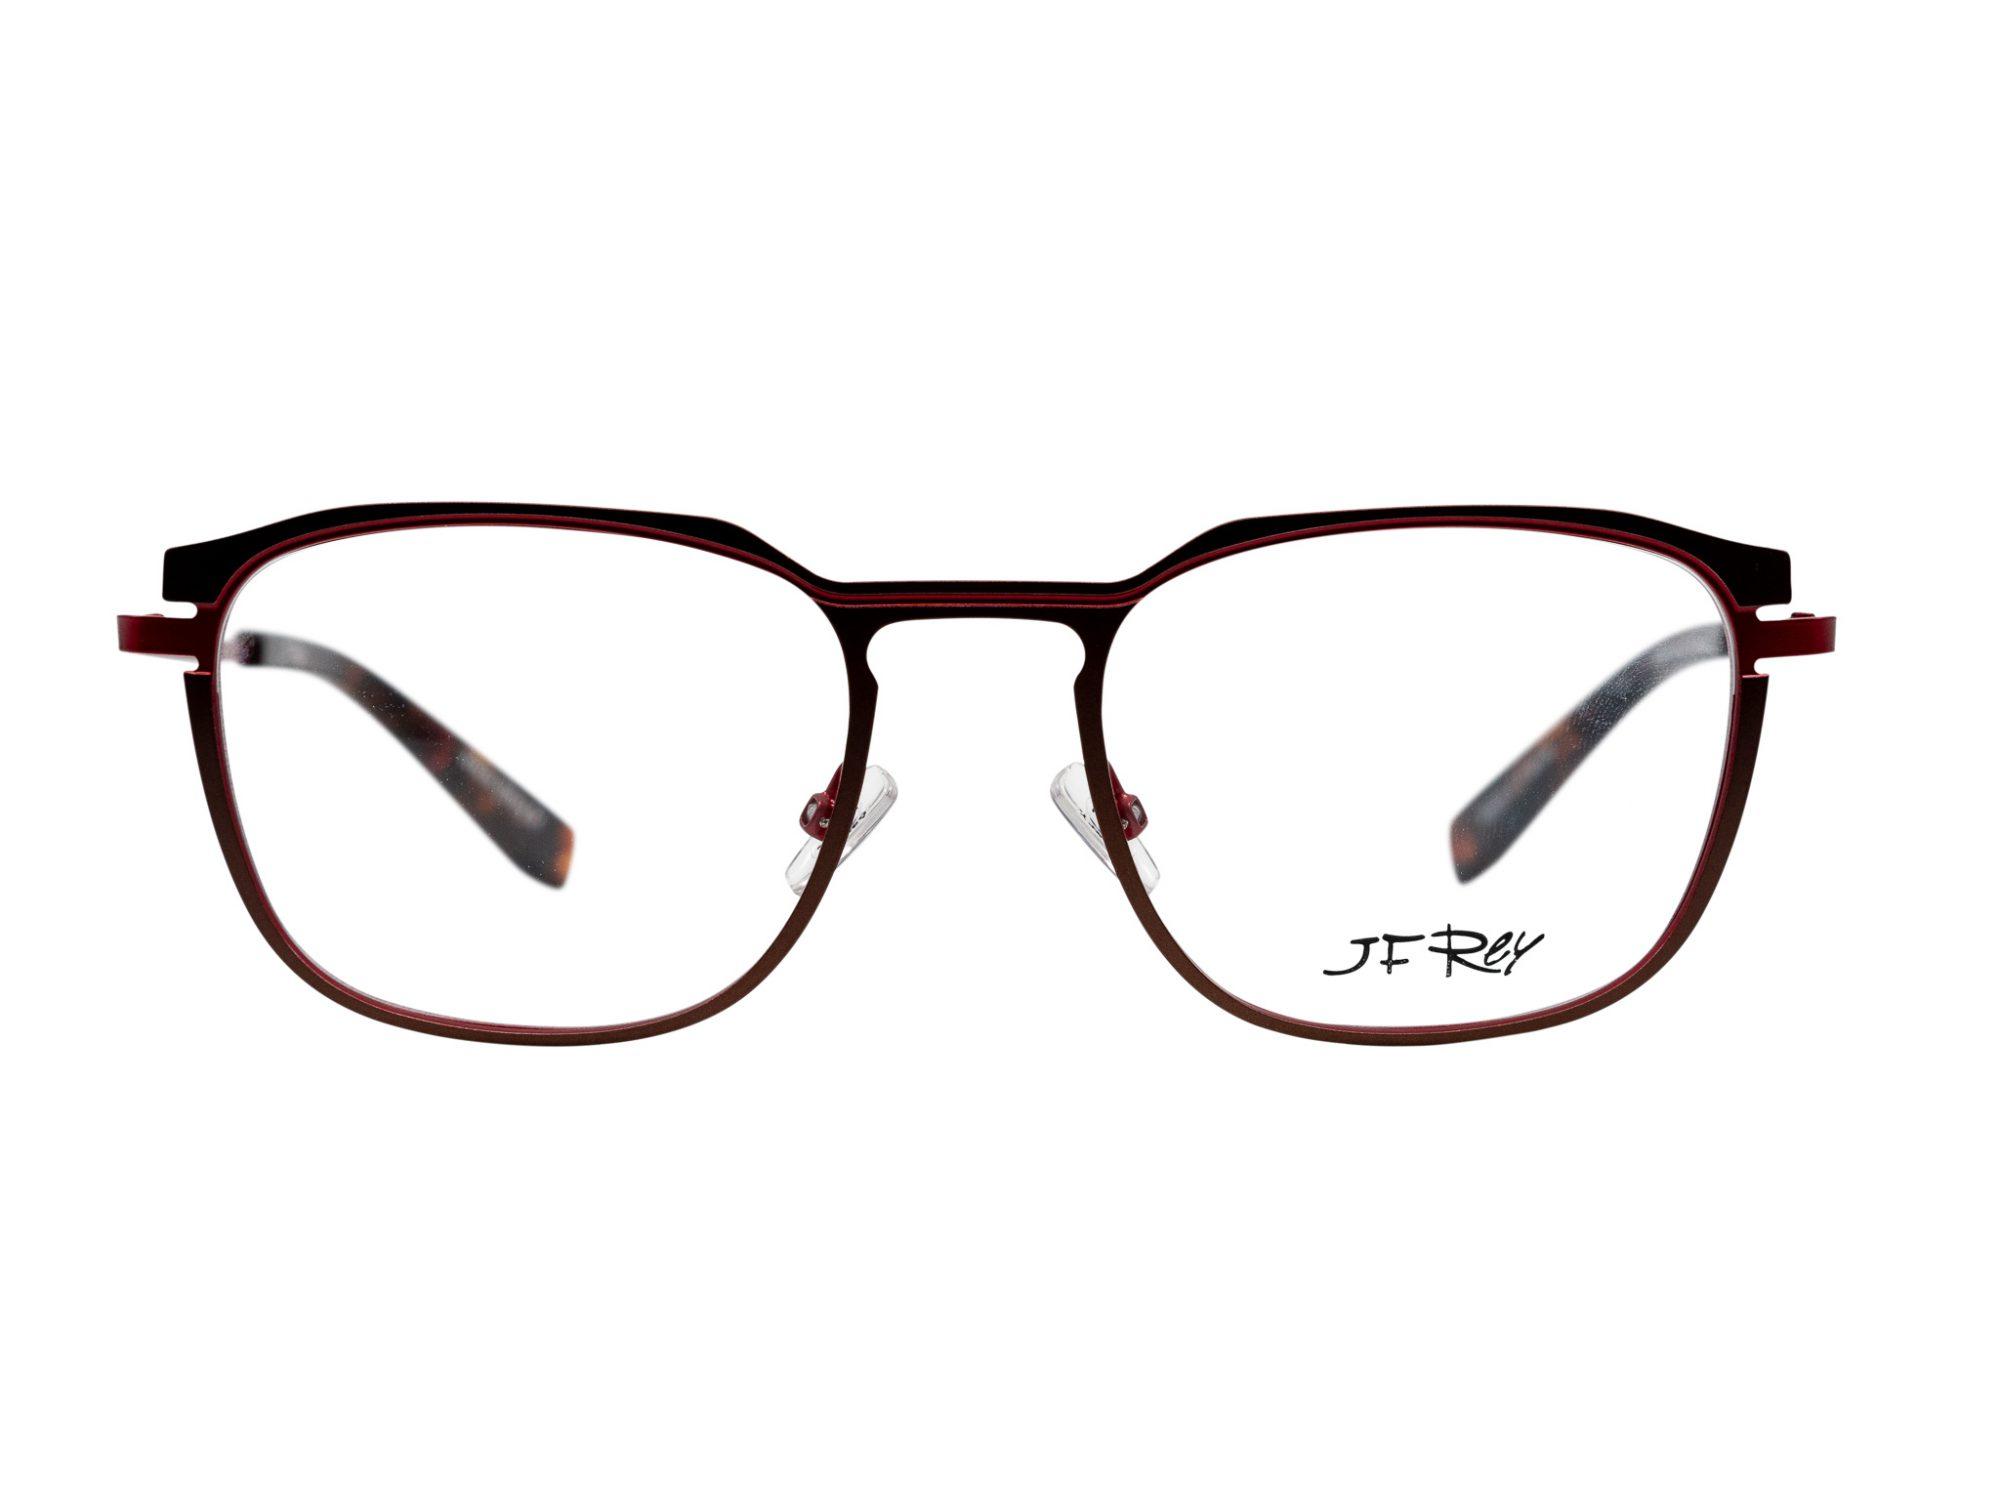 JF Rey 2948 9030